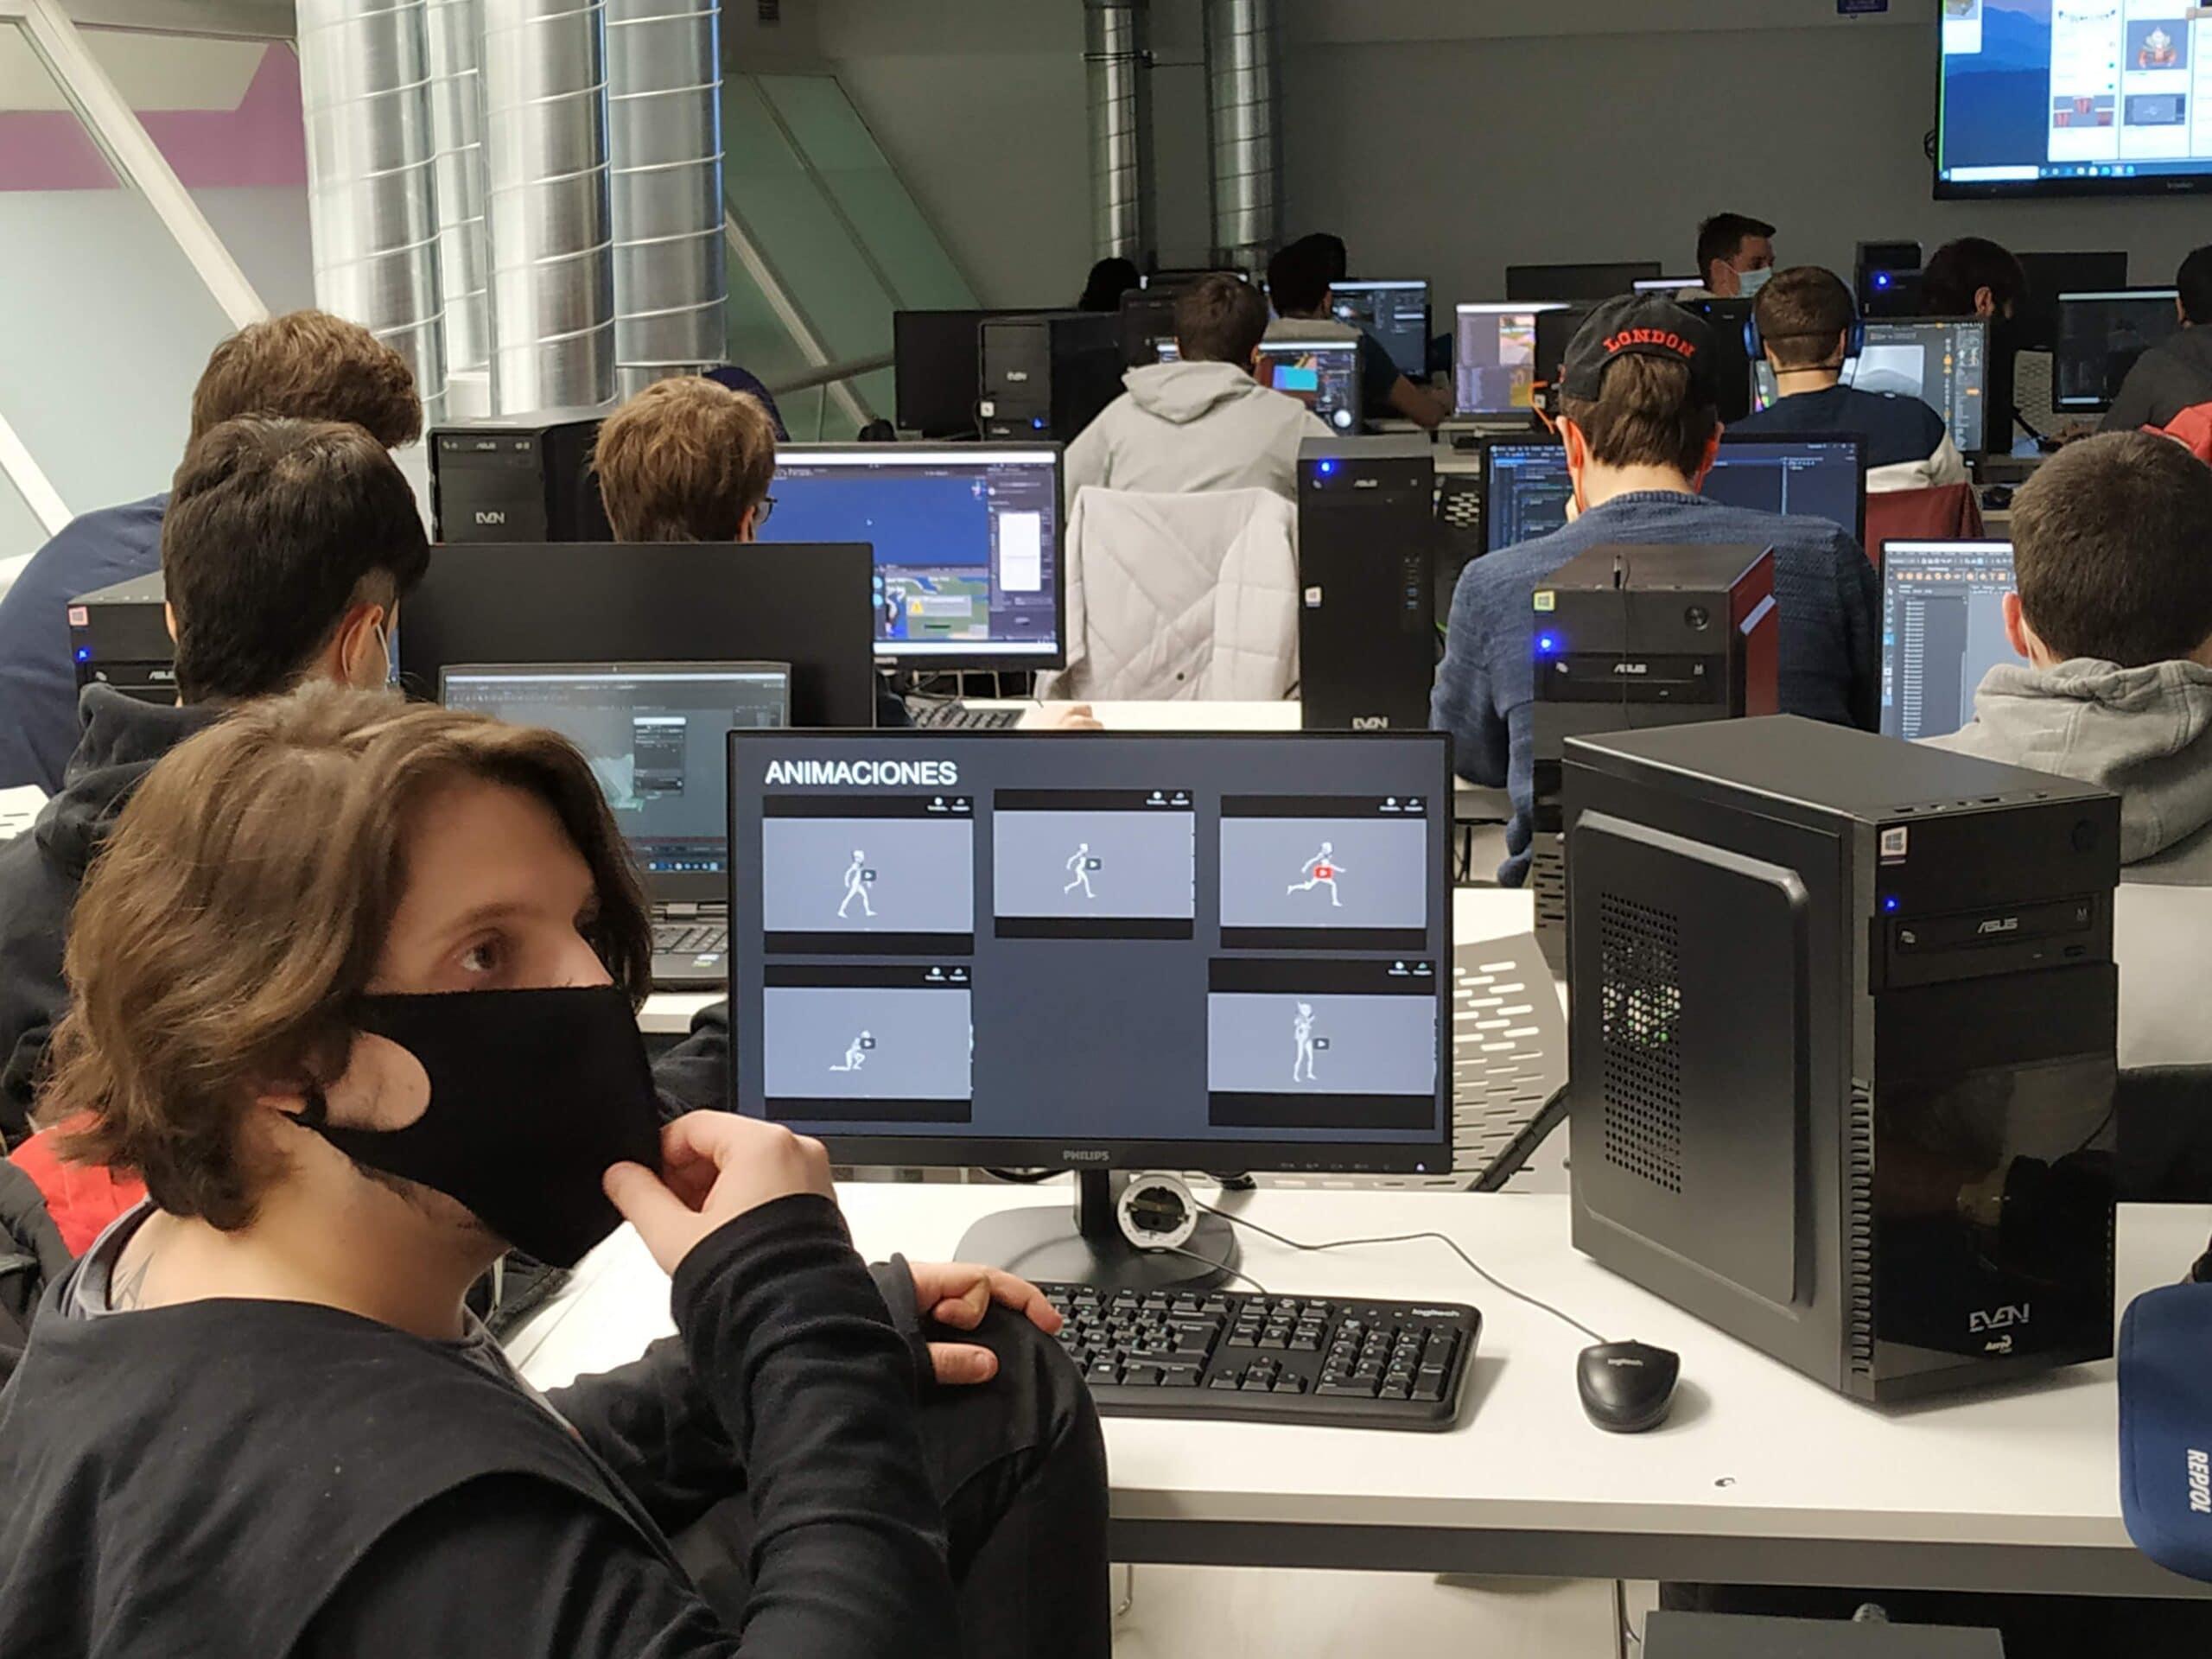 el alumnado de diseño de videojuegos se encuentra inmerso en sus proyectos finales